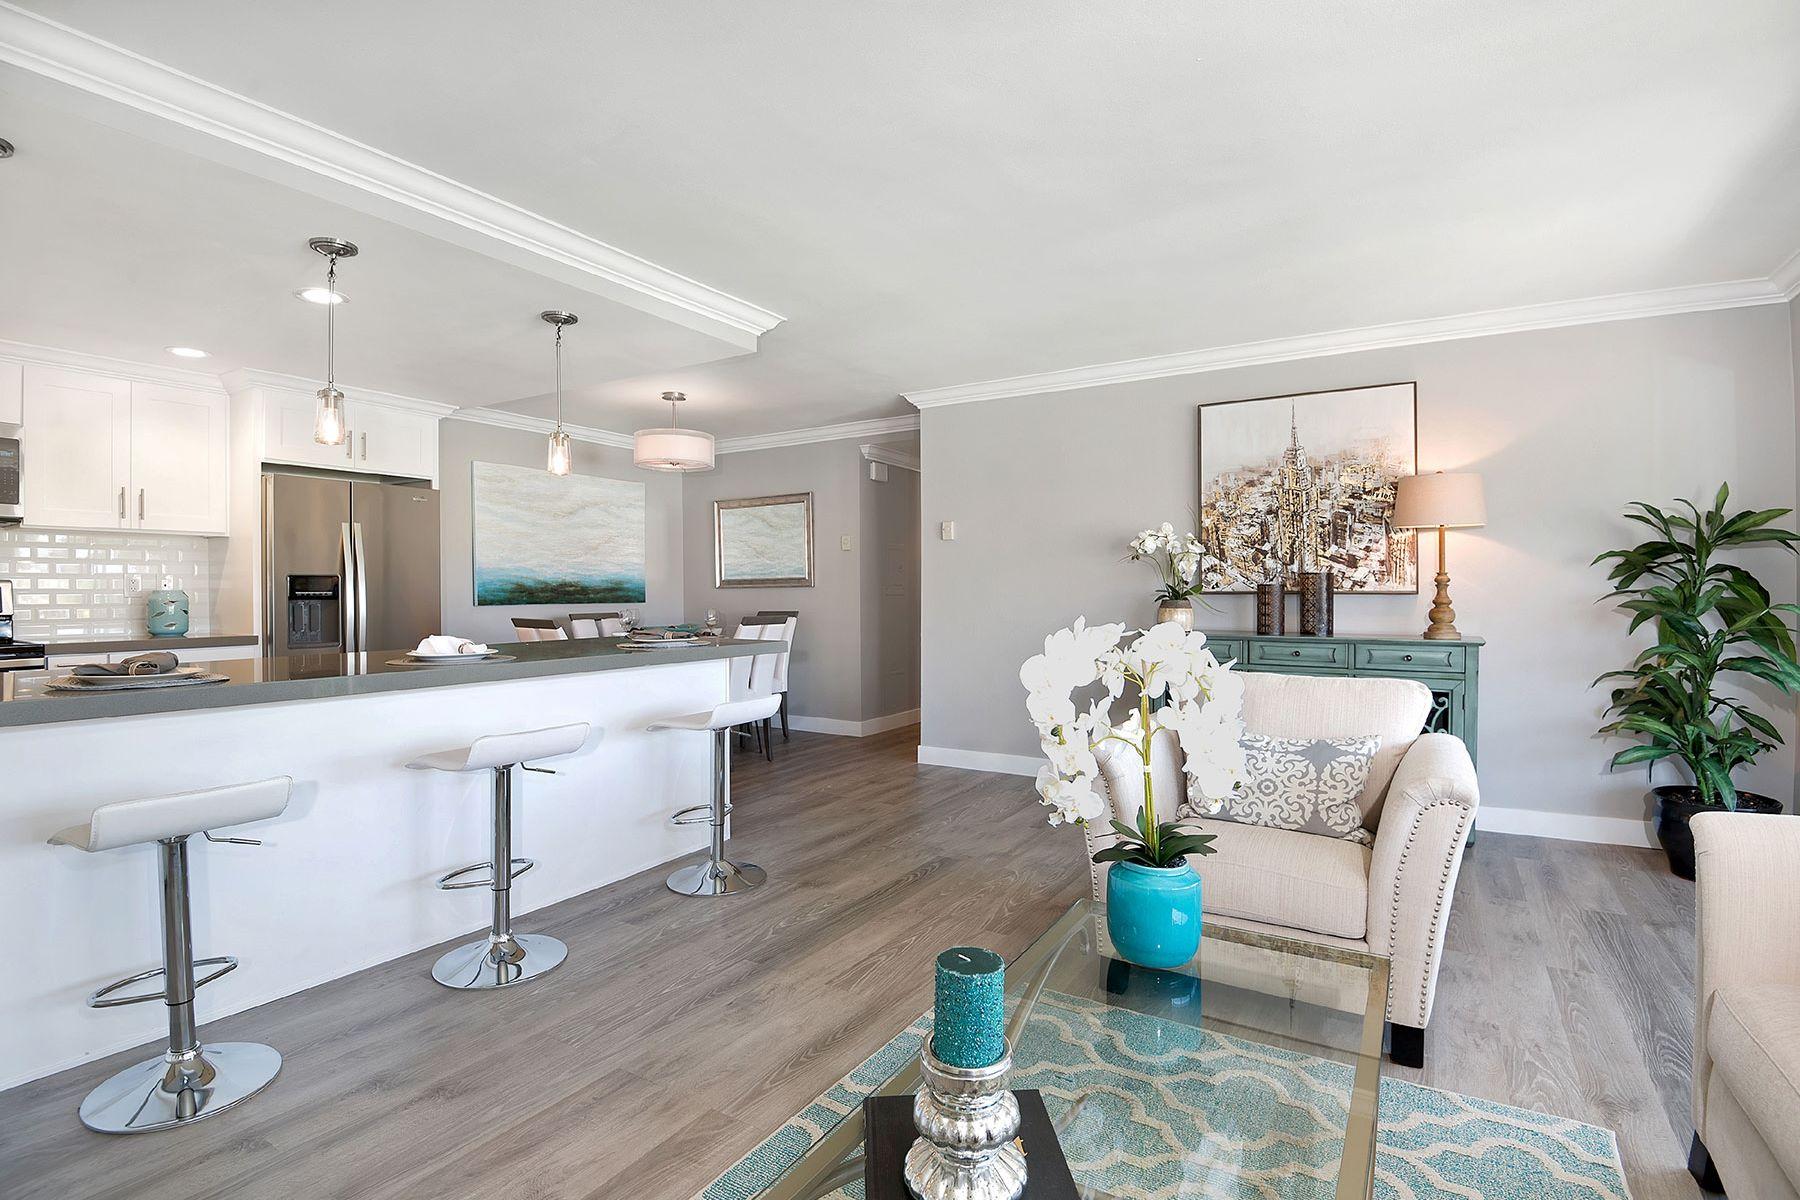 Condominium for Sale at OC17195352 2279 Via Mariposa W. #N, Laguna Woods, California, 92637 United States